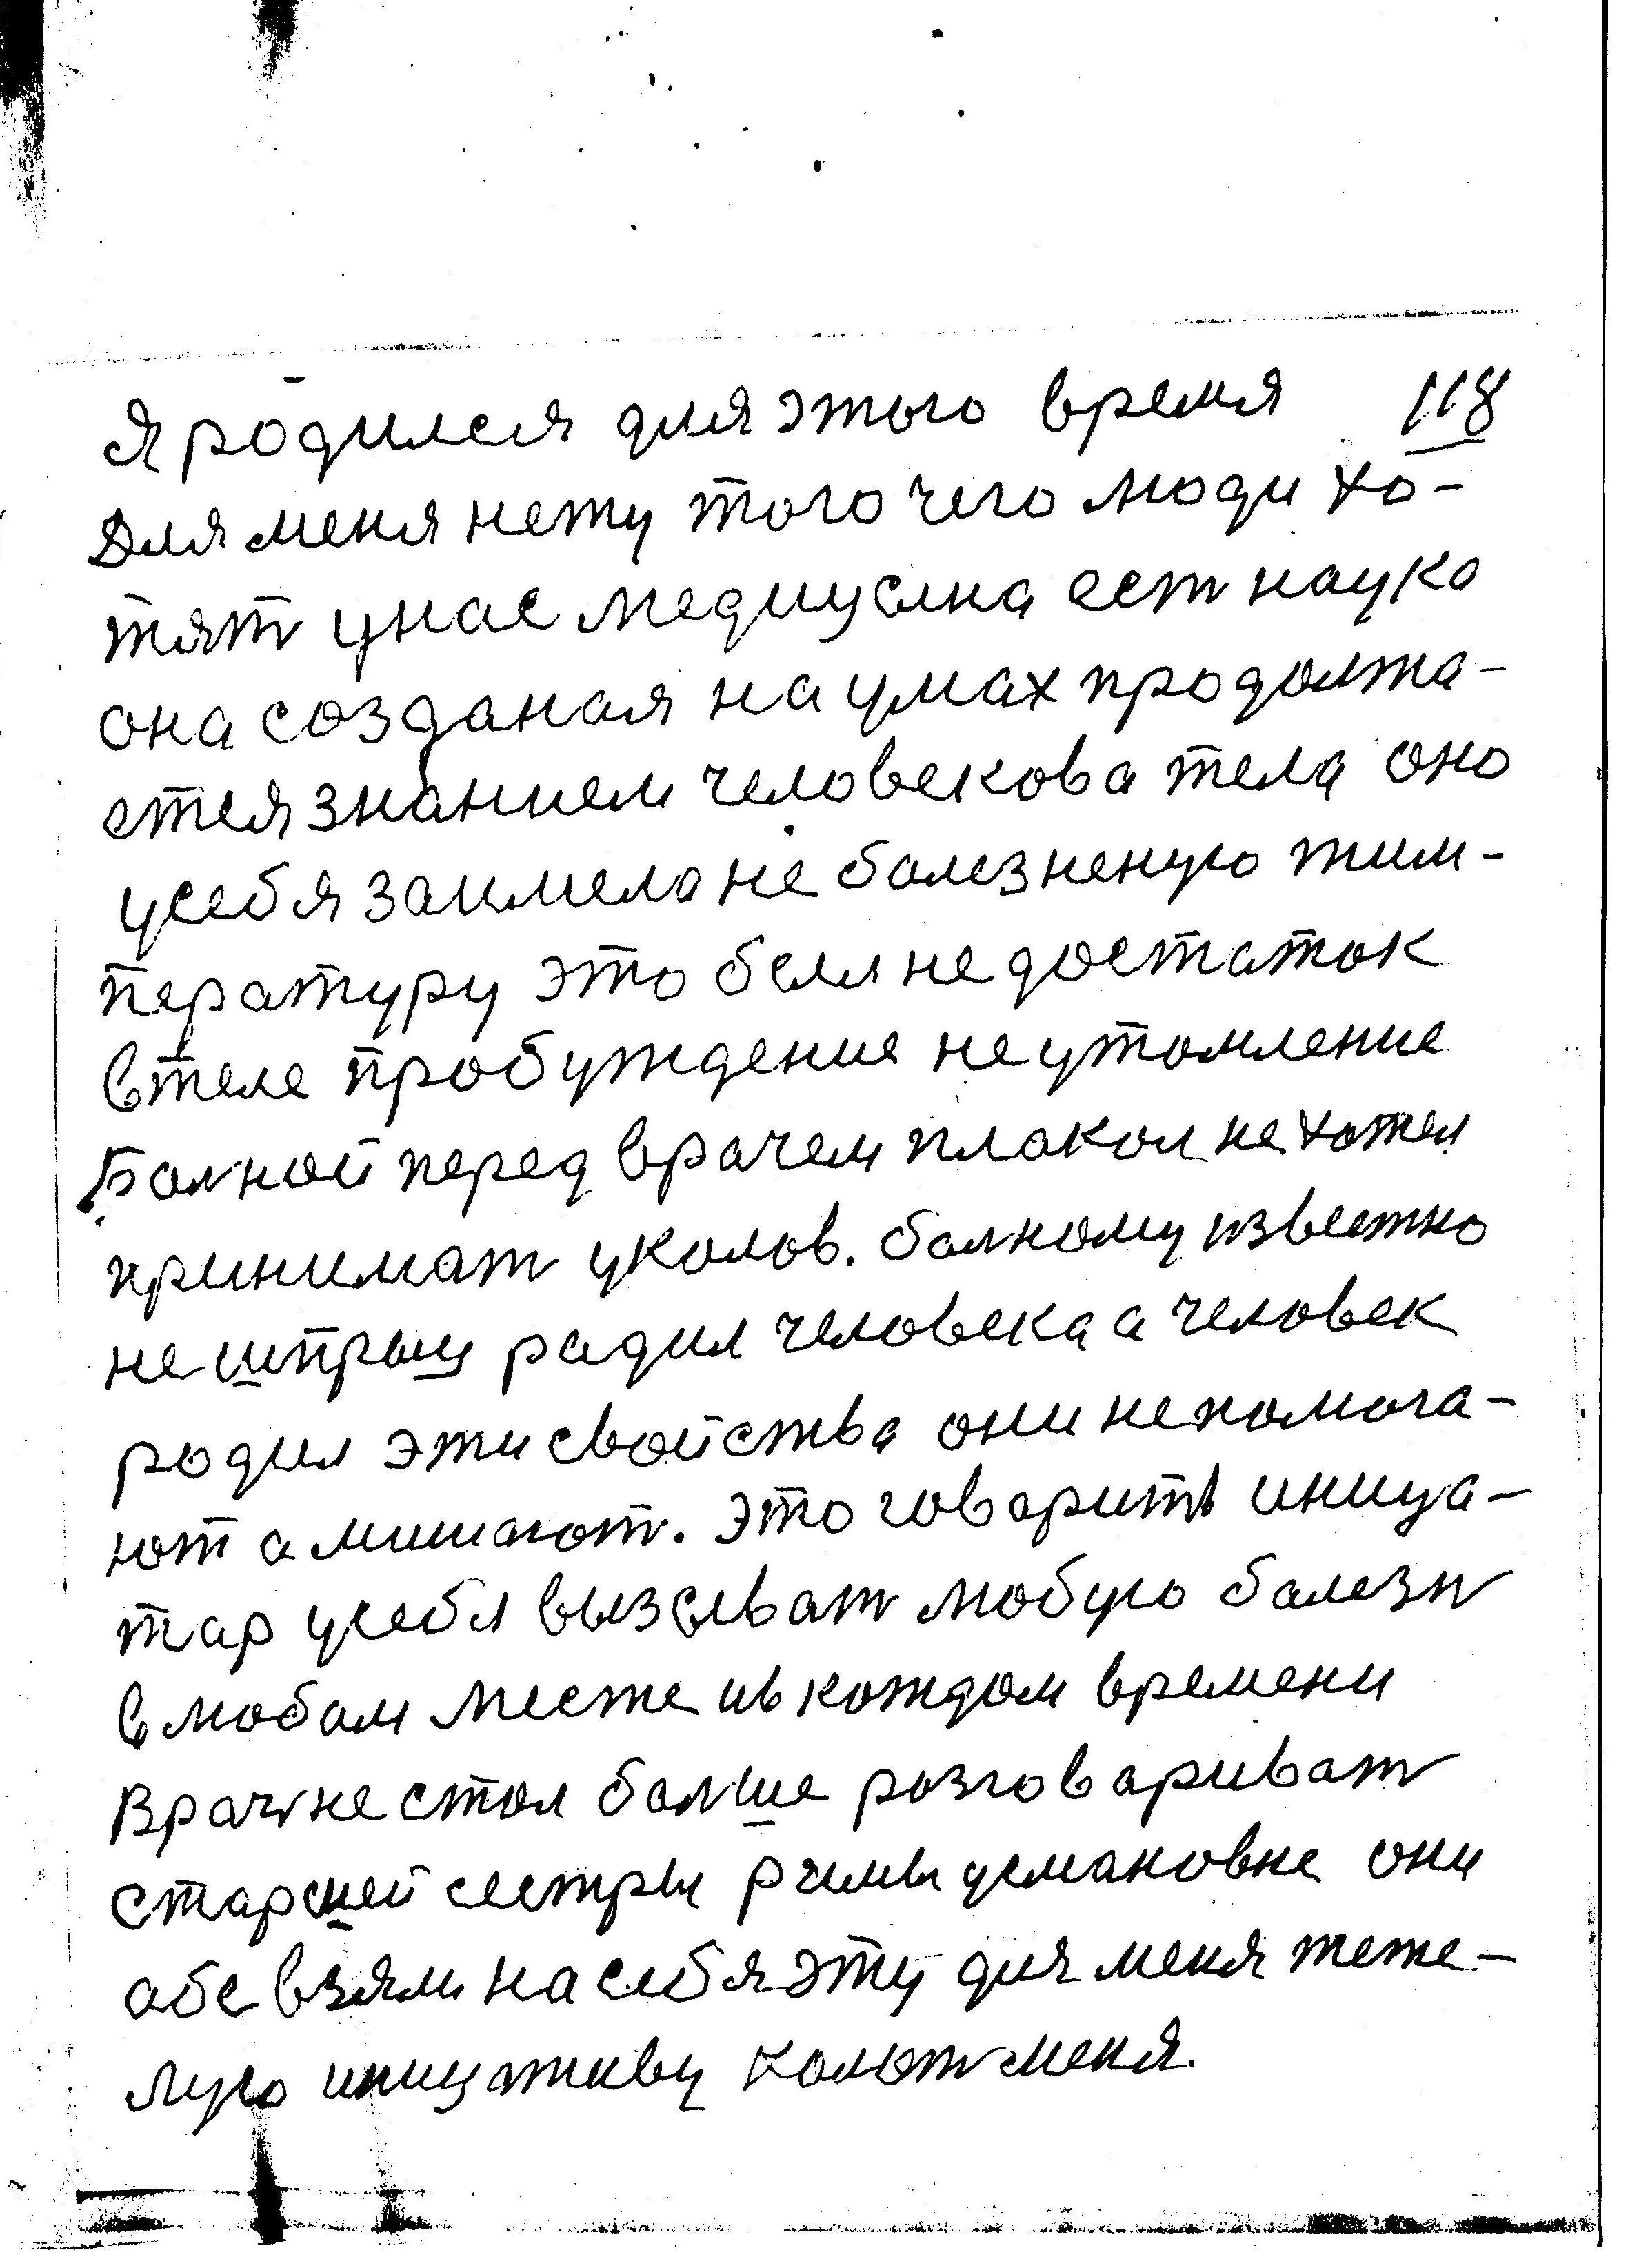 76-118.jpg